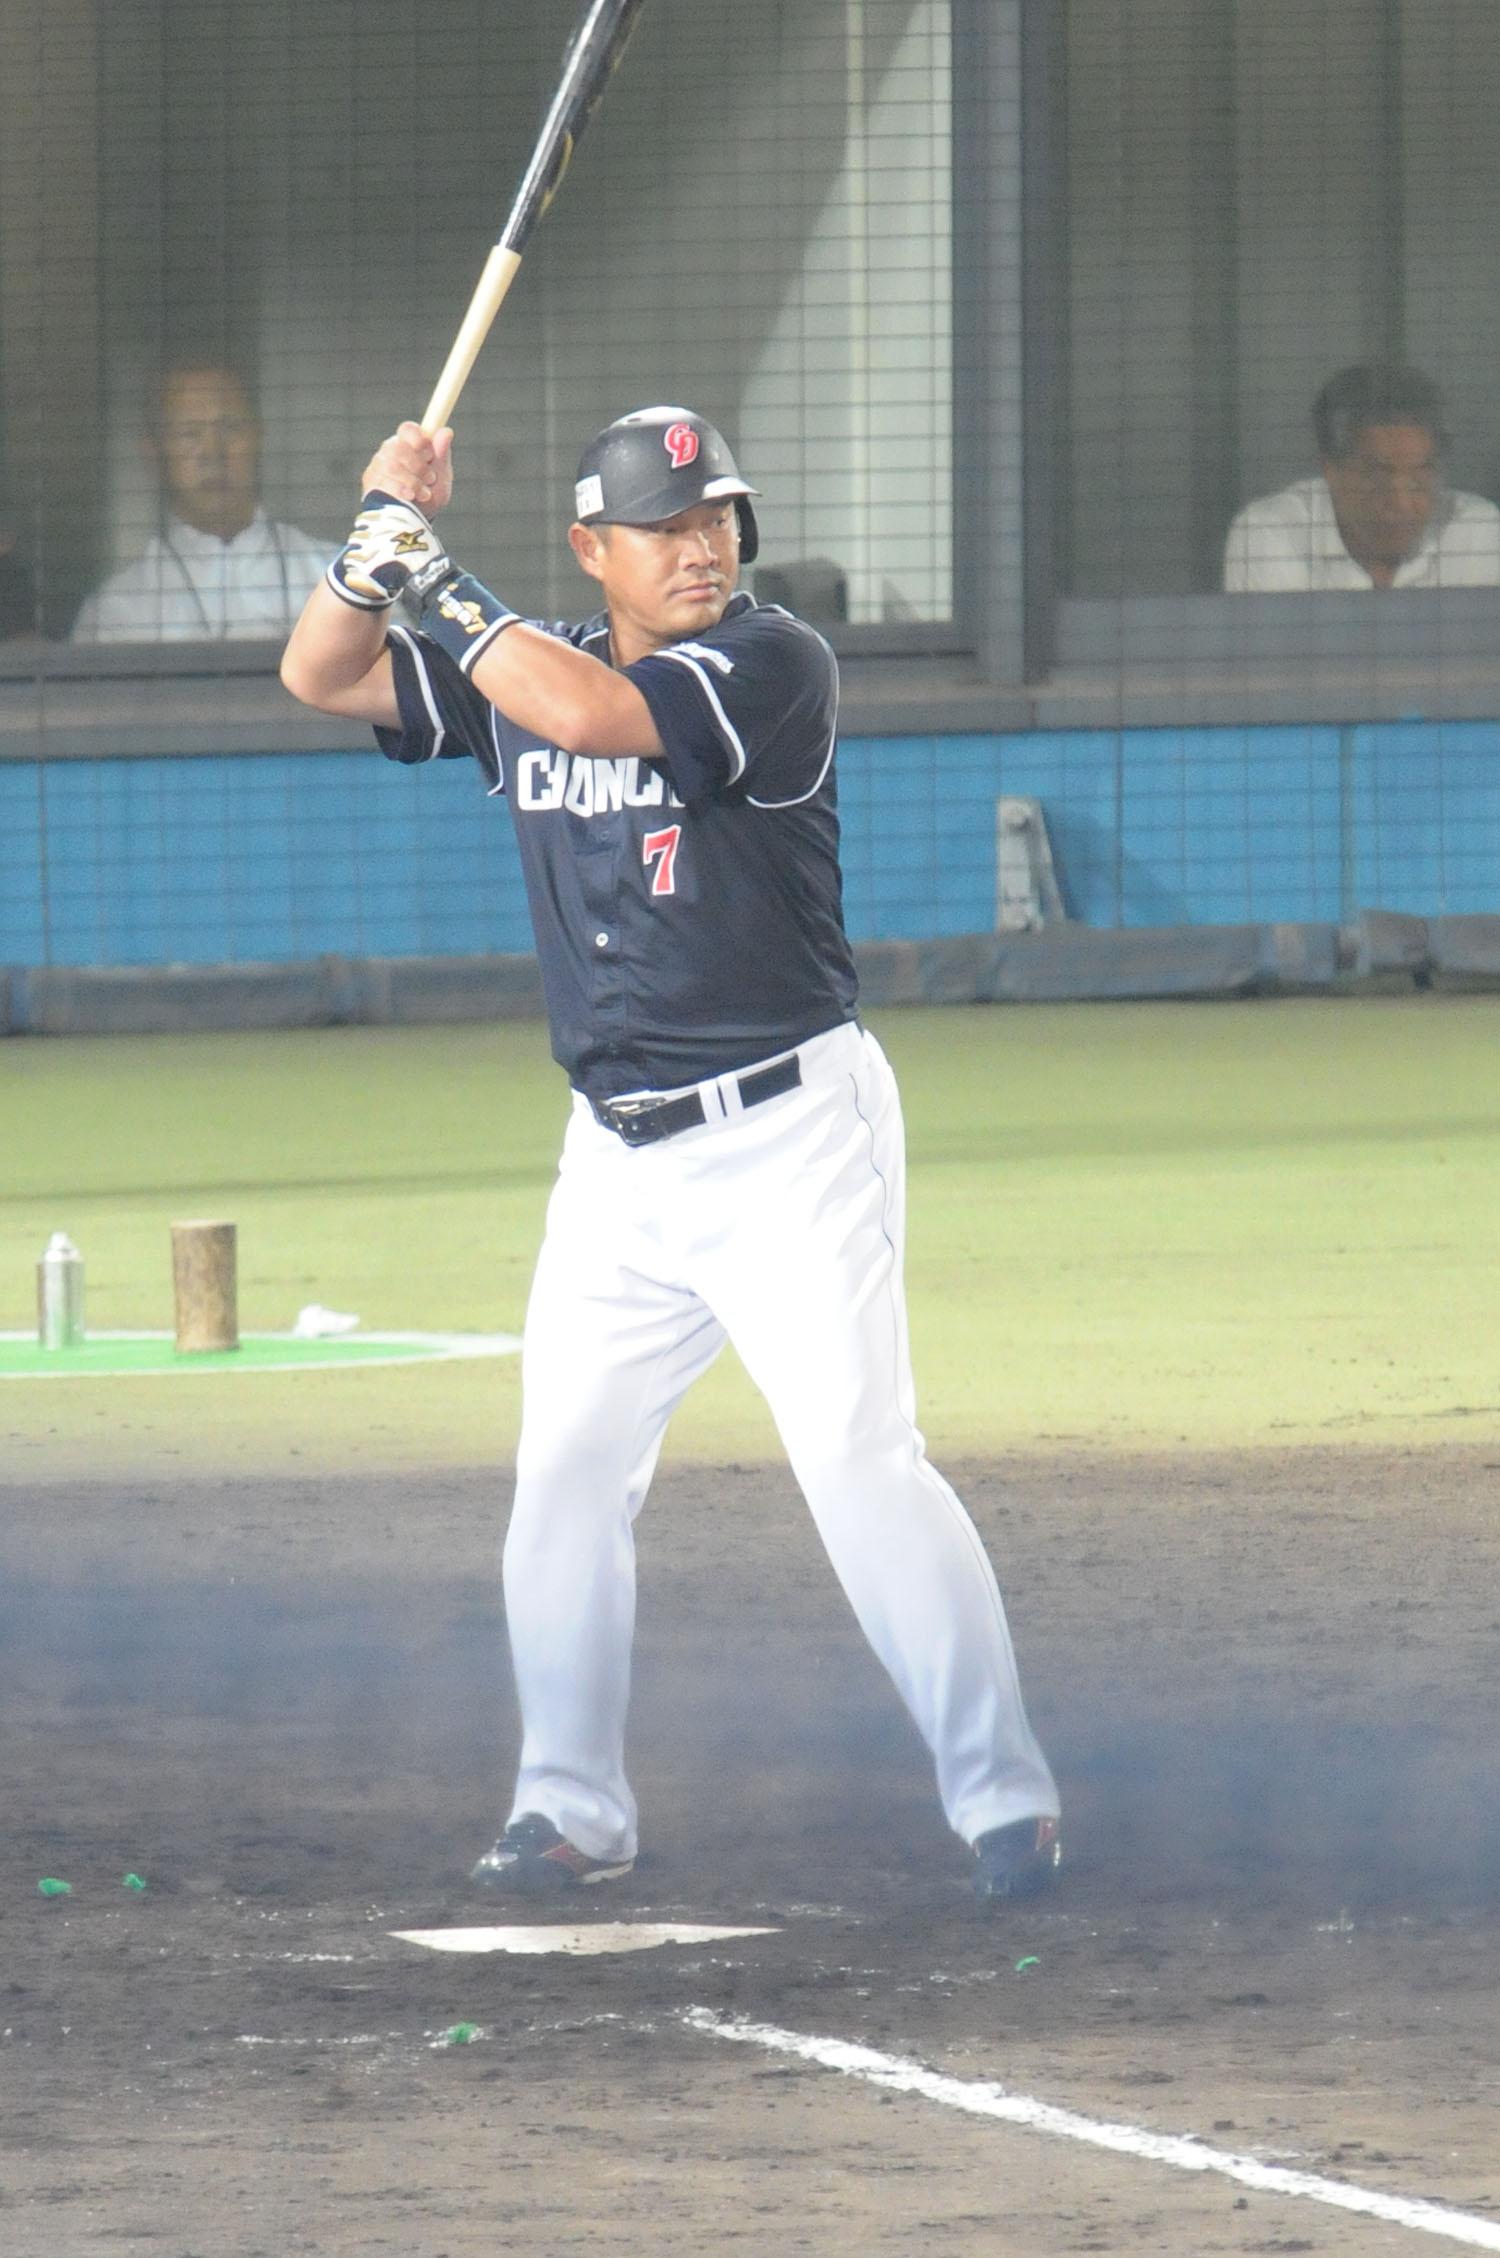 山崎武司 - Wikipedia